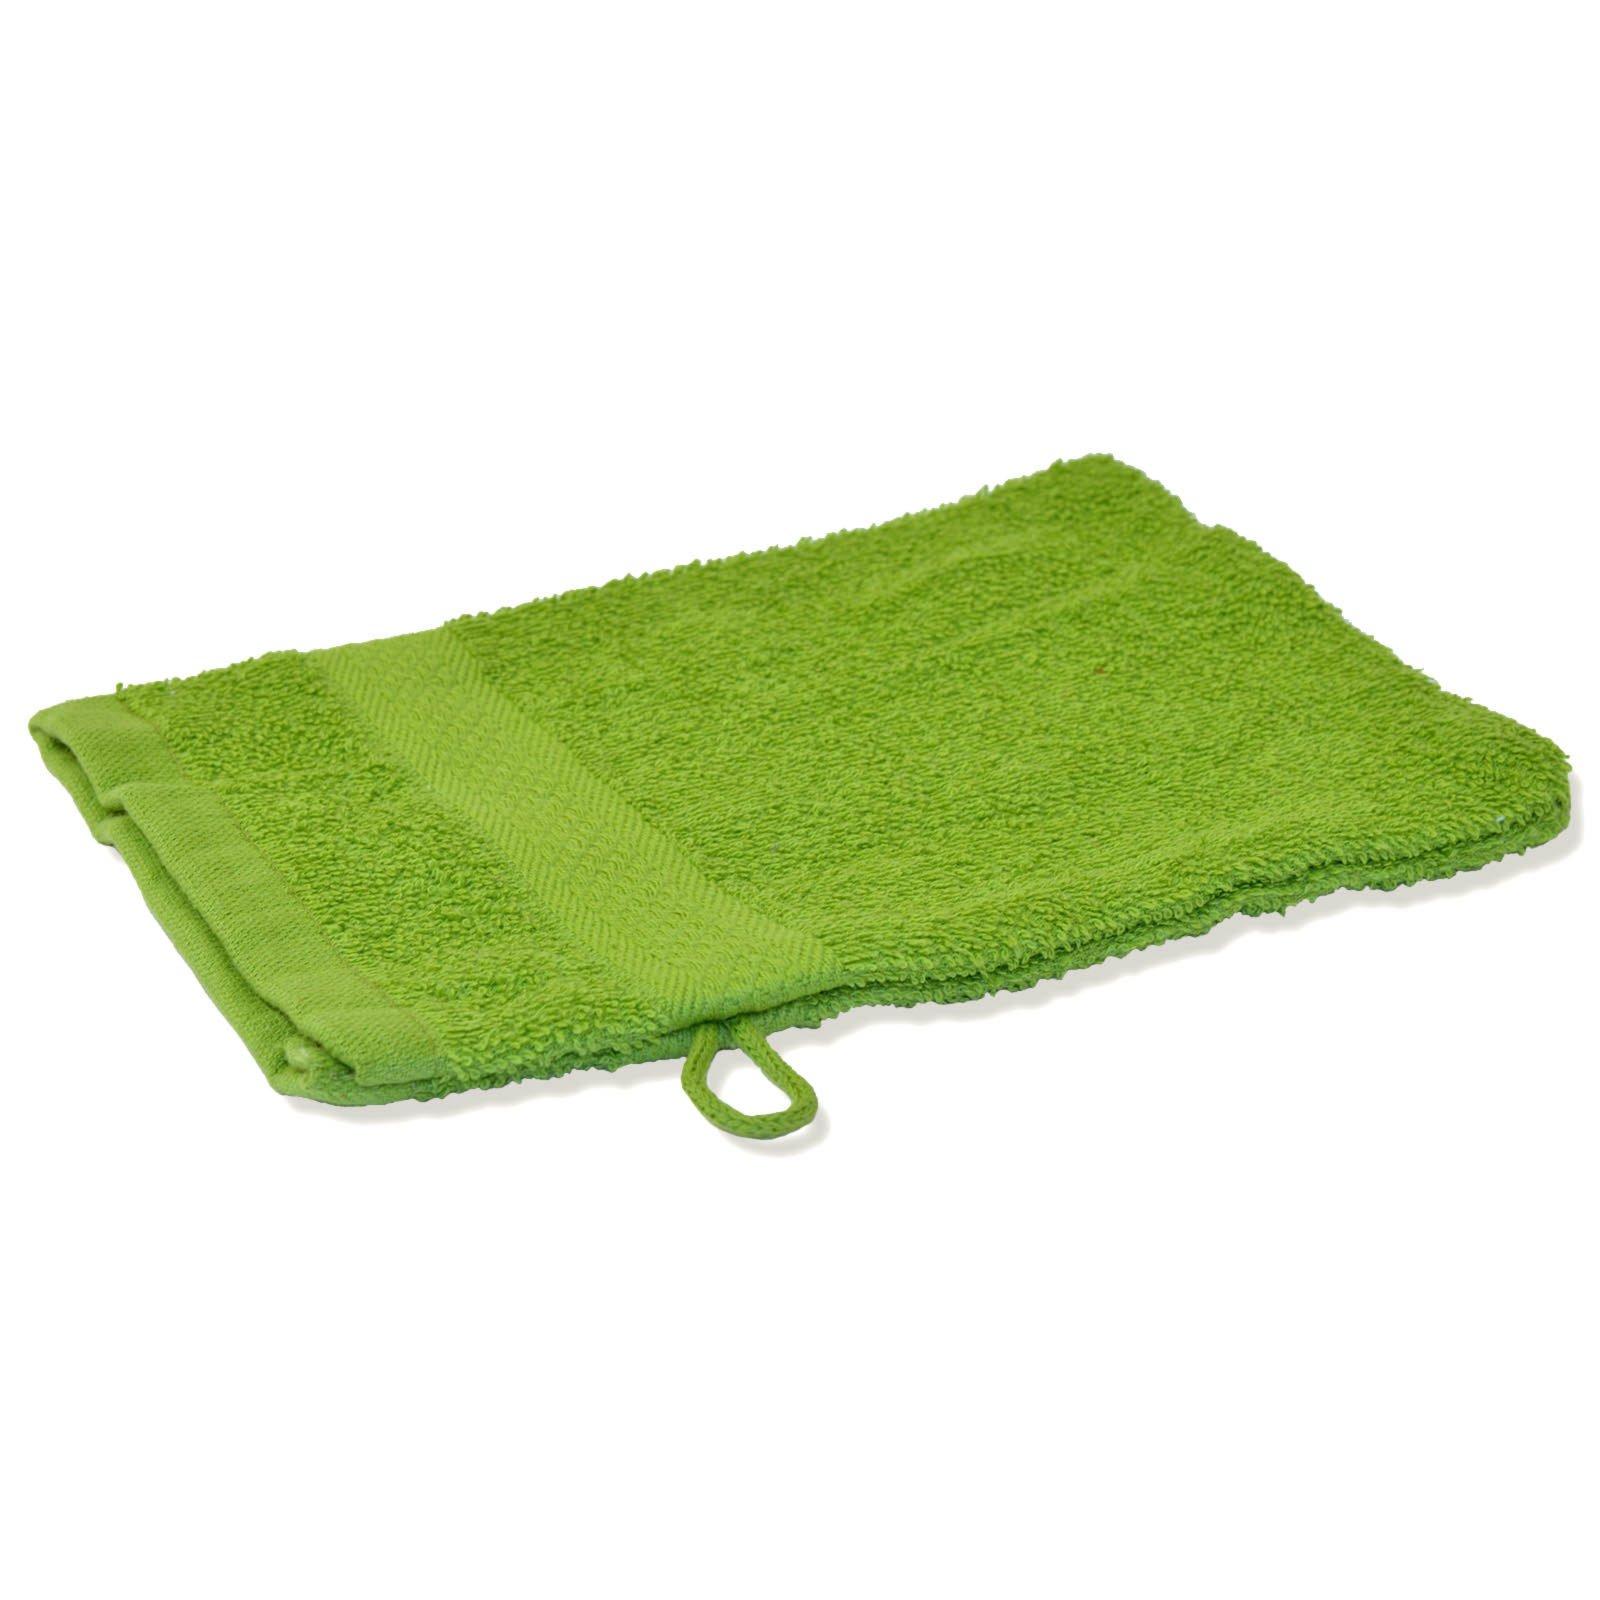 waschlappen premium gr n baumwolle waschhandschuhe waschlappen badtextilien bad. Black Bedroom Furniture Sets. Home Design Ideas